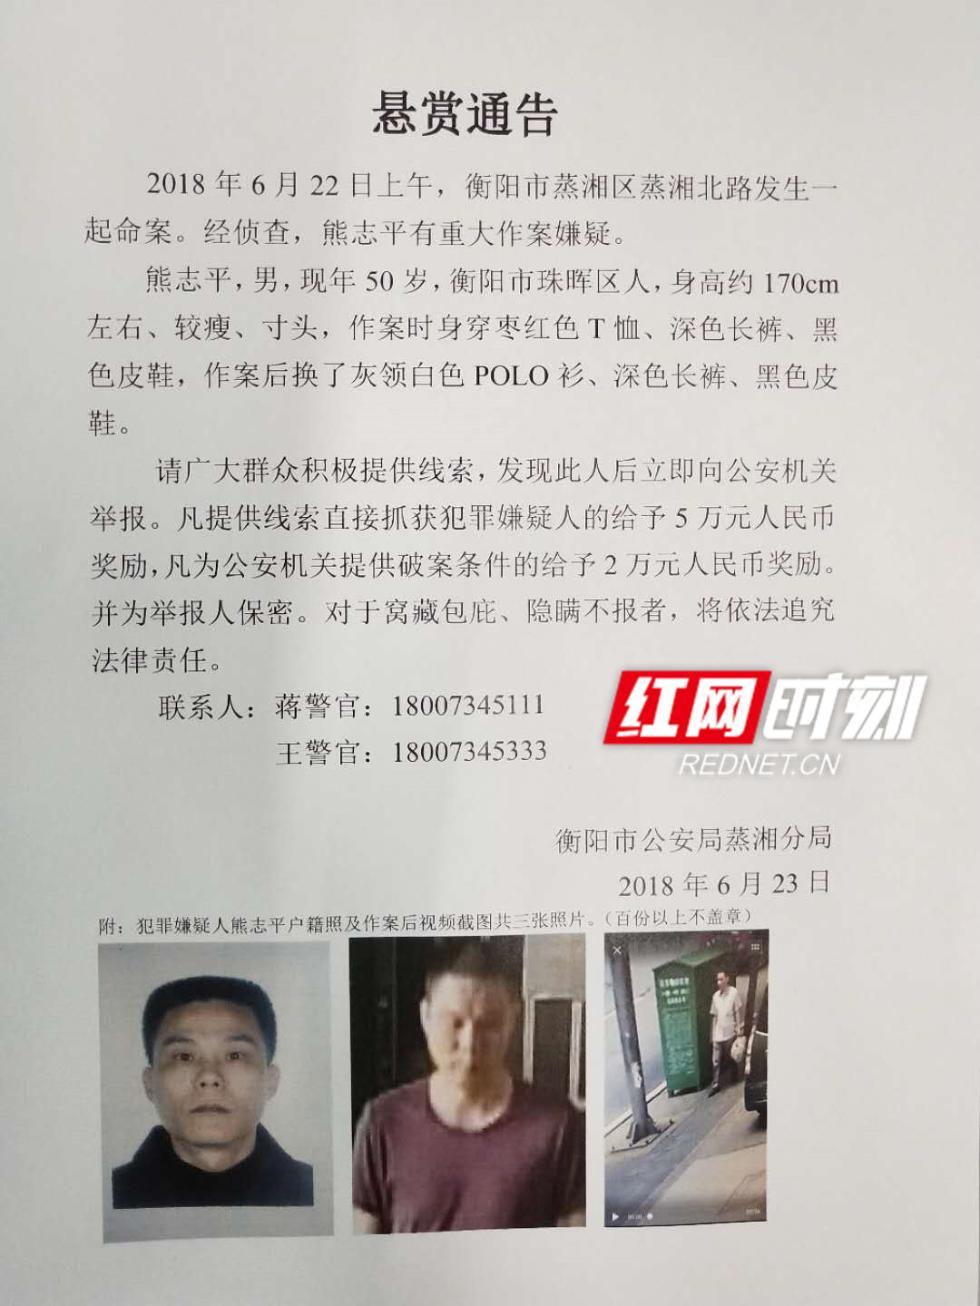 湖南衡阳律师被杀案嫌犯已锁定,公安部门悬赏5万元缉凶